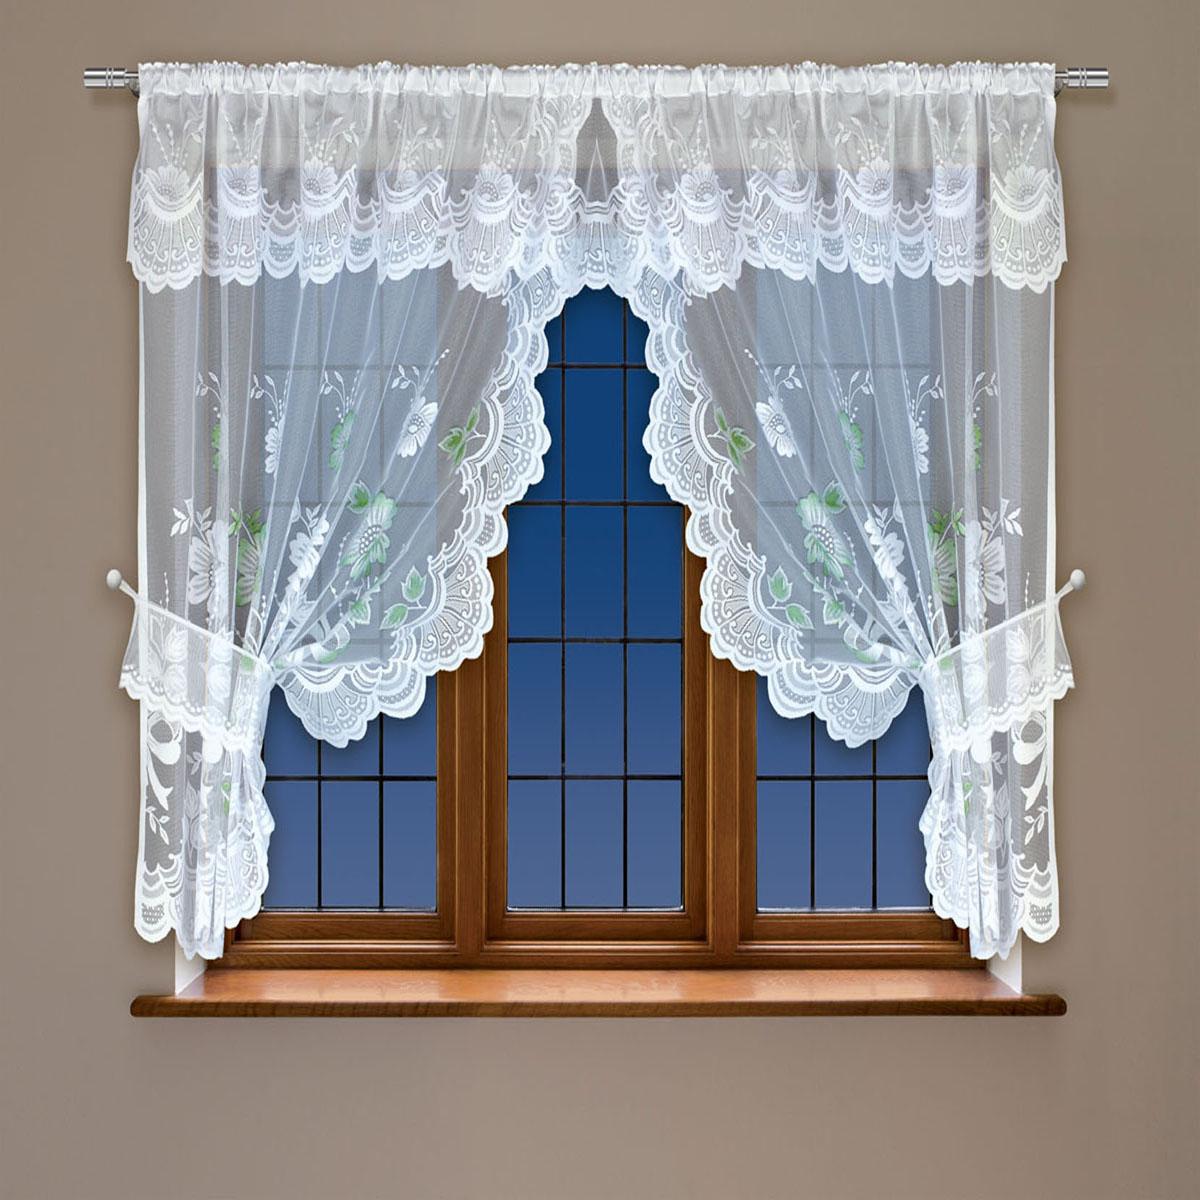 Гардина Haft, на кулиске, цвет: белый, высота 137 см. 202561S03301004Воздушная гардина Haft, выполненная из полиэстера, великолепно украсит любое окно.Изделие имеет оригинальный дизайн и органично впишется в интерьер помещения.Гардина крепится на карниз при помощи кулиски.